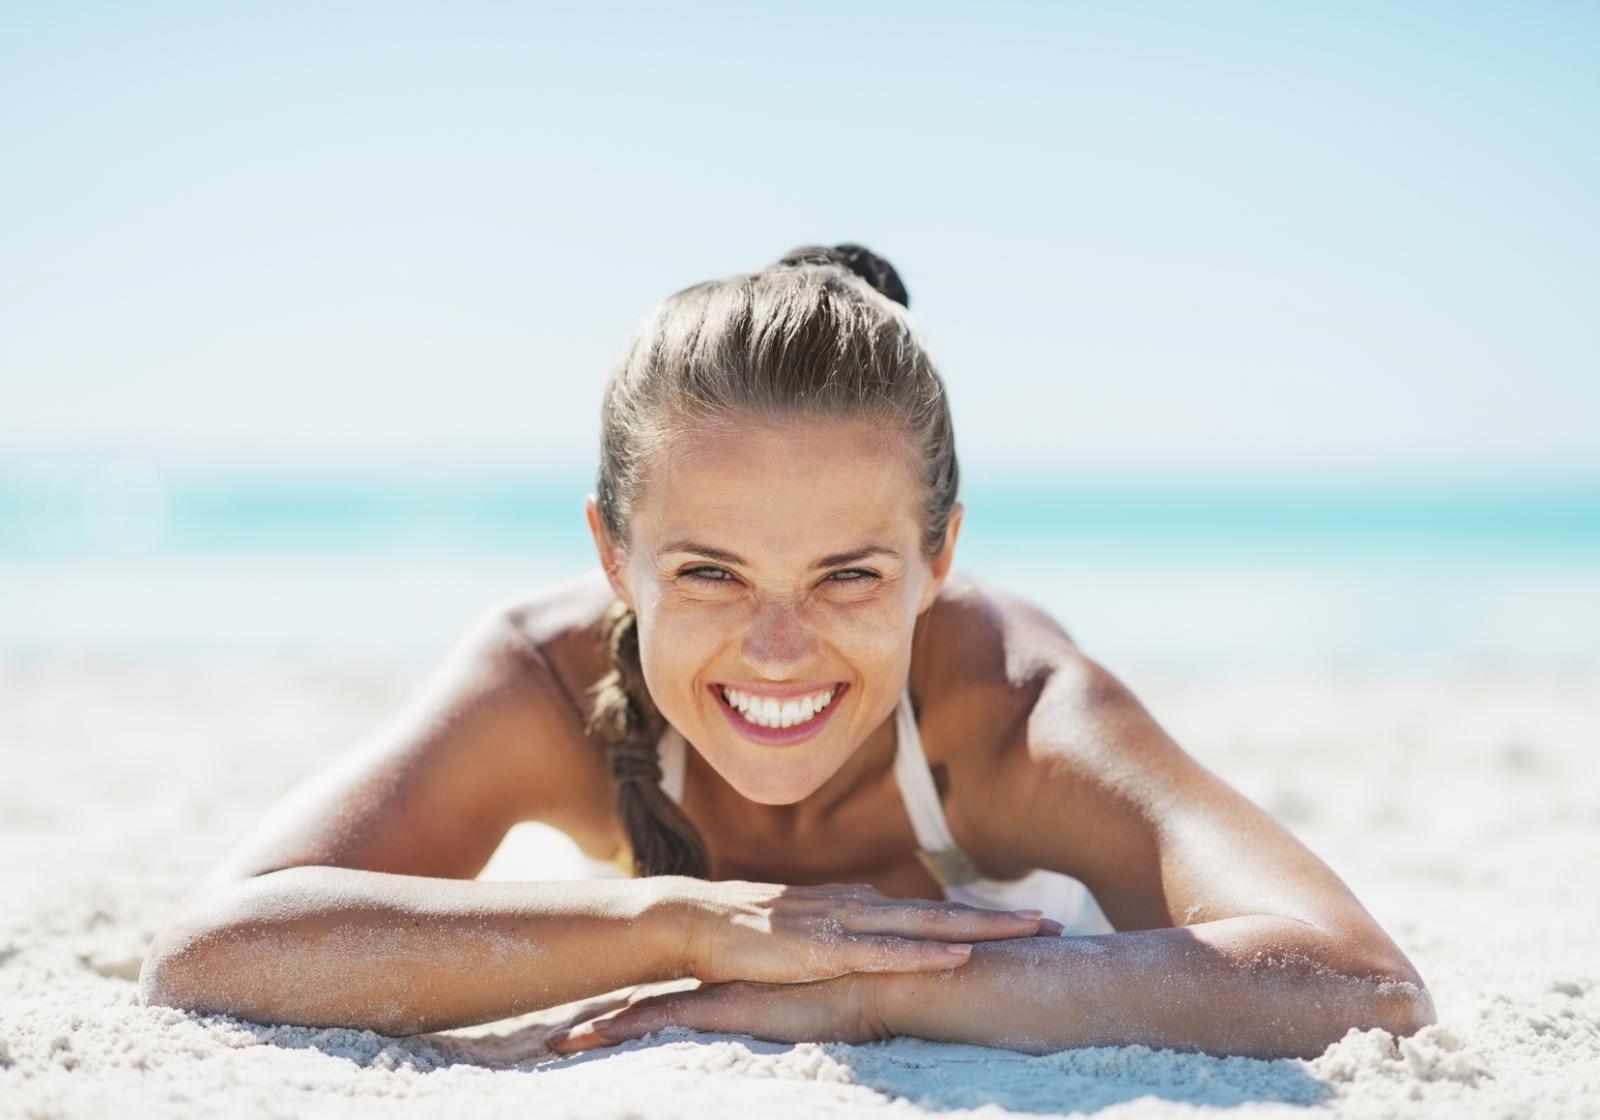 Ljeti obožavamo provoditi vrijeme na plaži, ali budite oprezni s izlaganjem suncu.